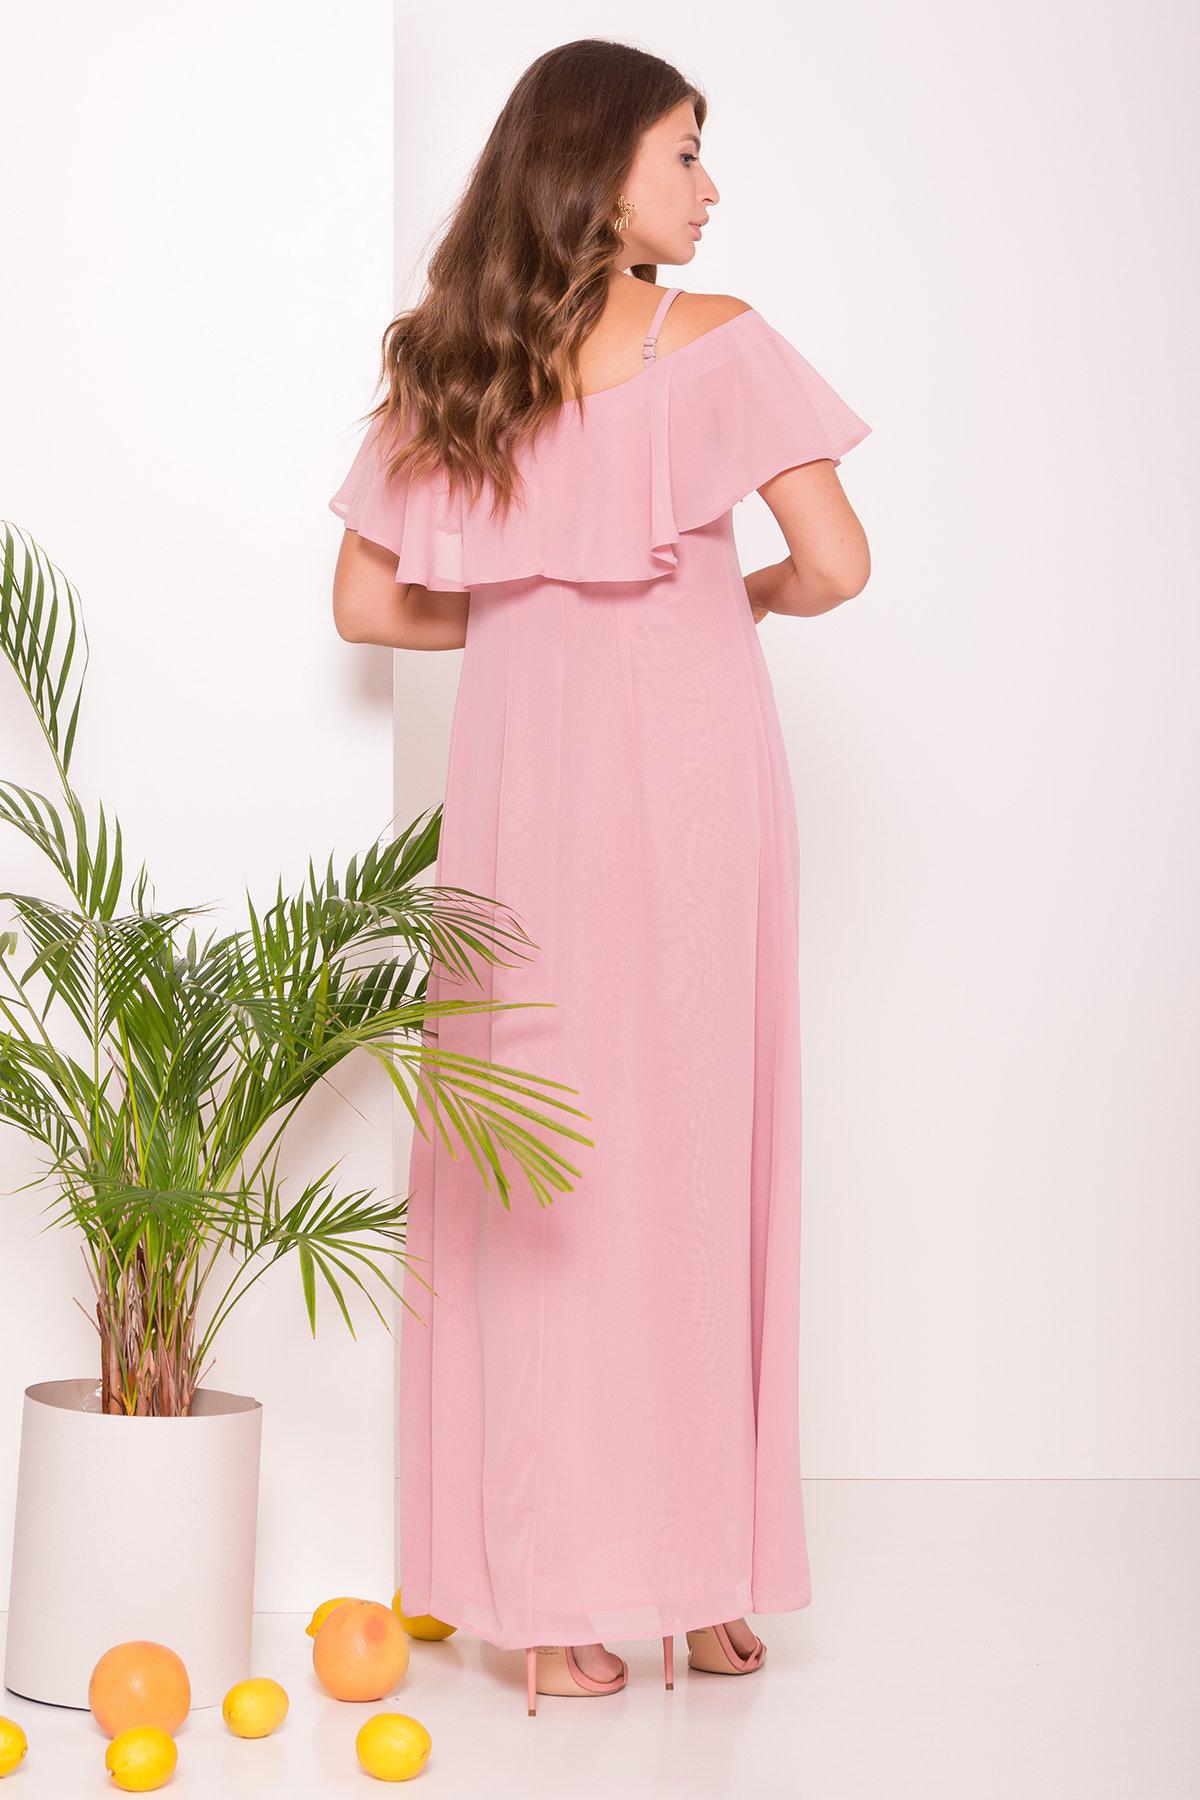 Платье Пикабу 7449 АРТ. 43242 Цвет: Пудра - фото 3, интернет магазин tm-modus.ru